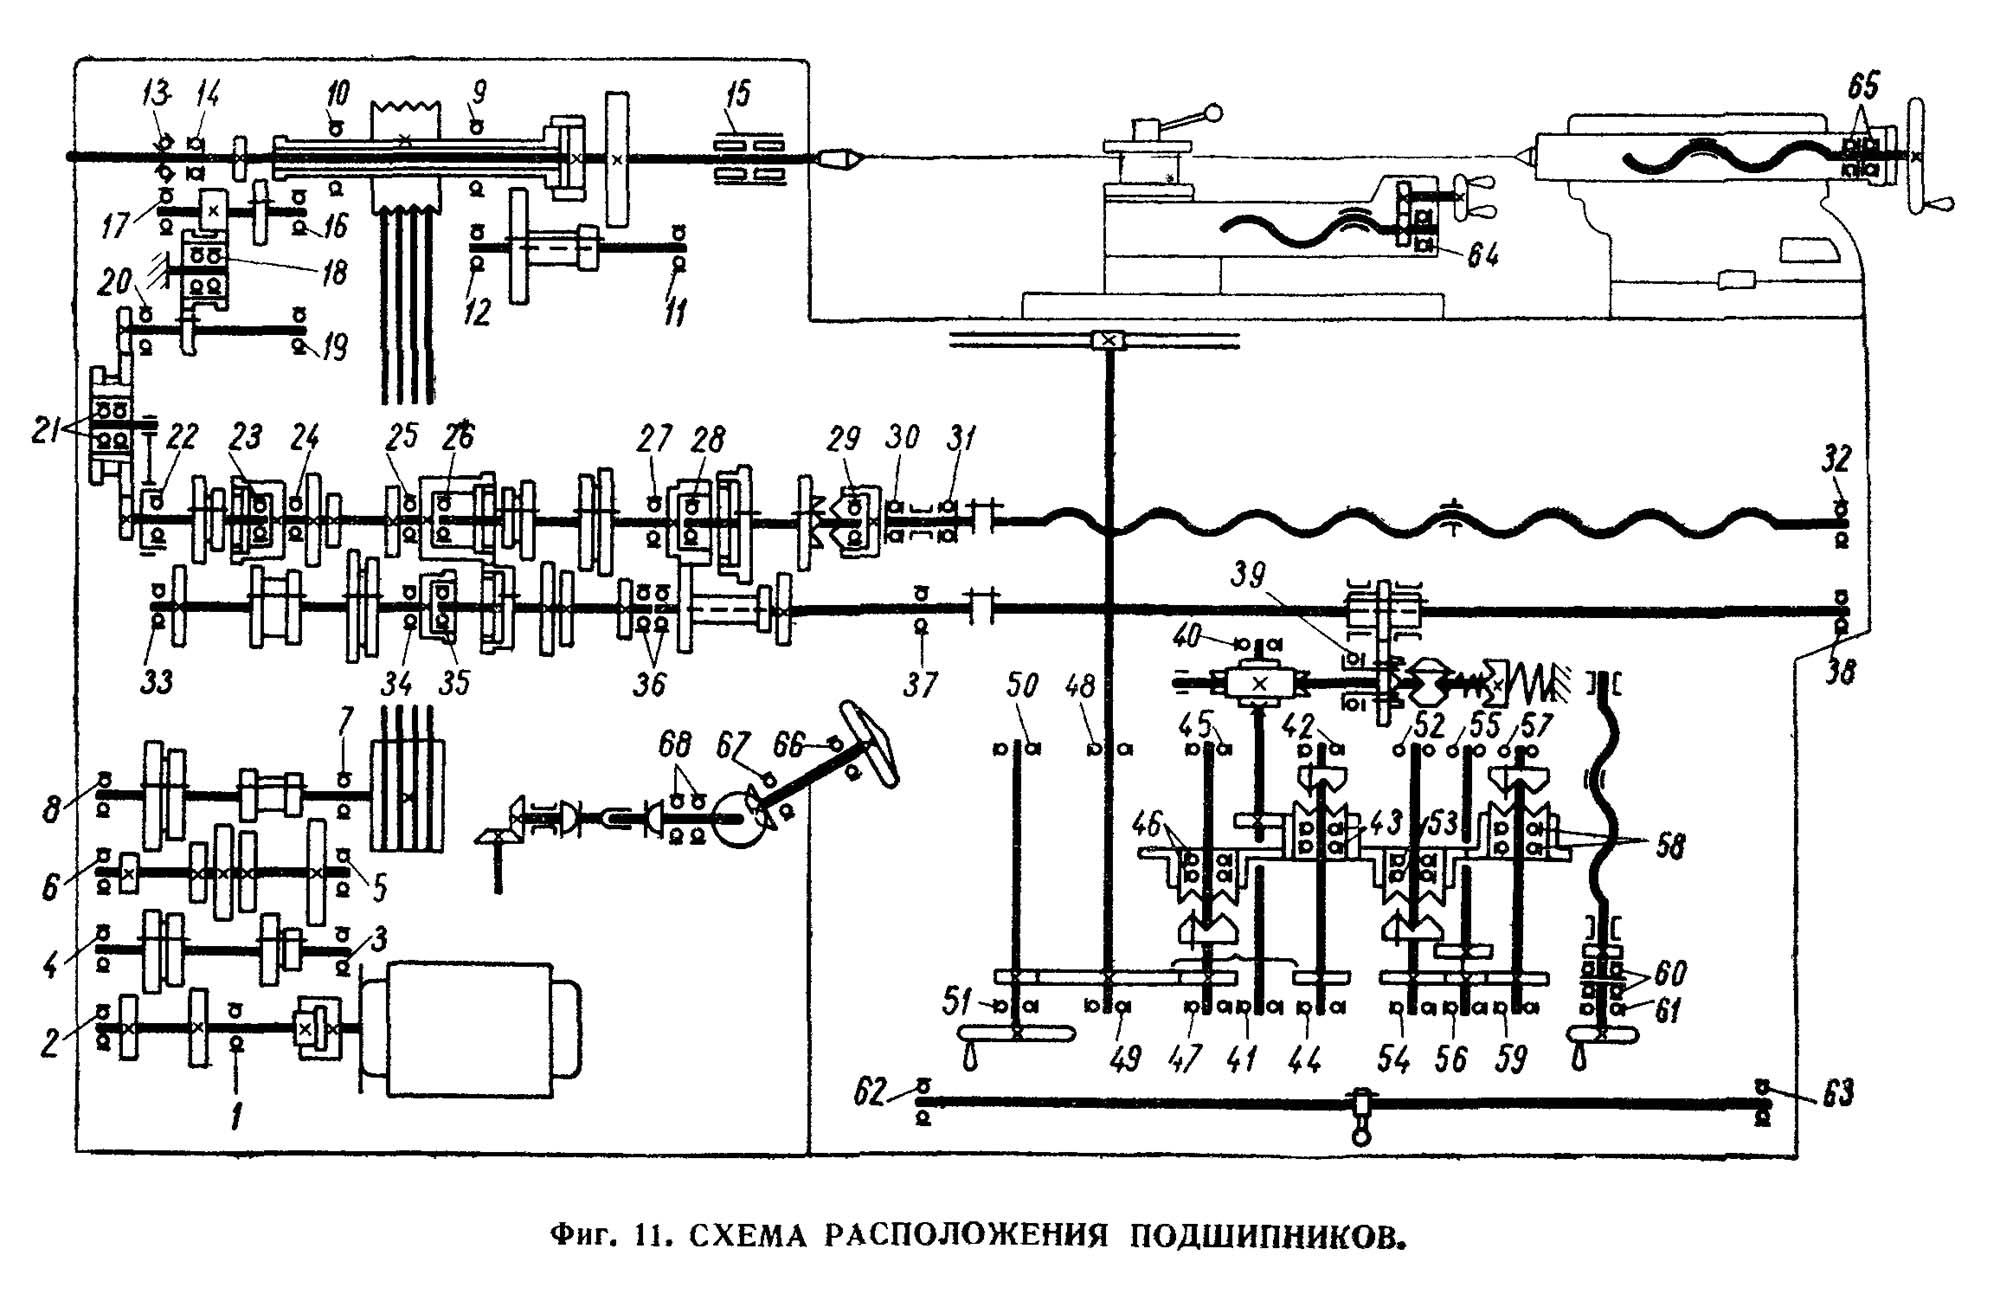 Токарно-винторезный станок 1и611п и его особенности